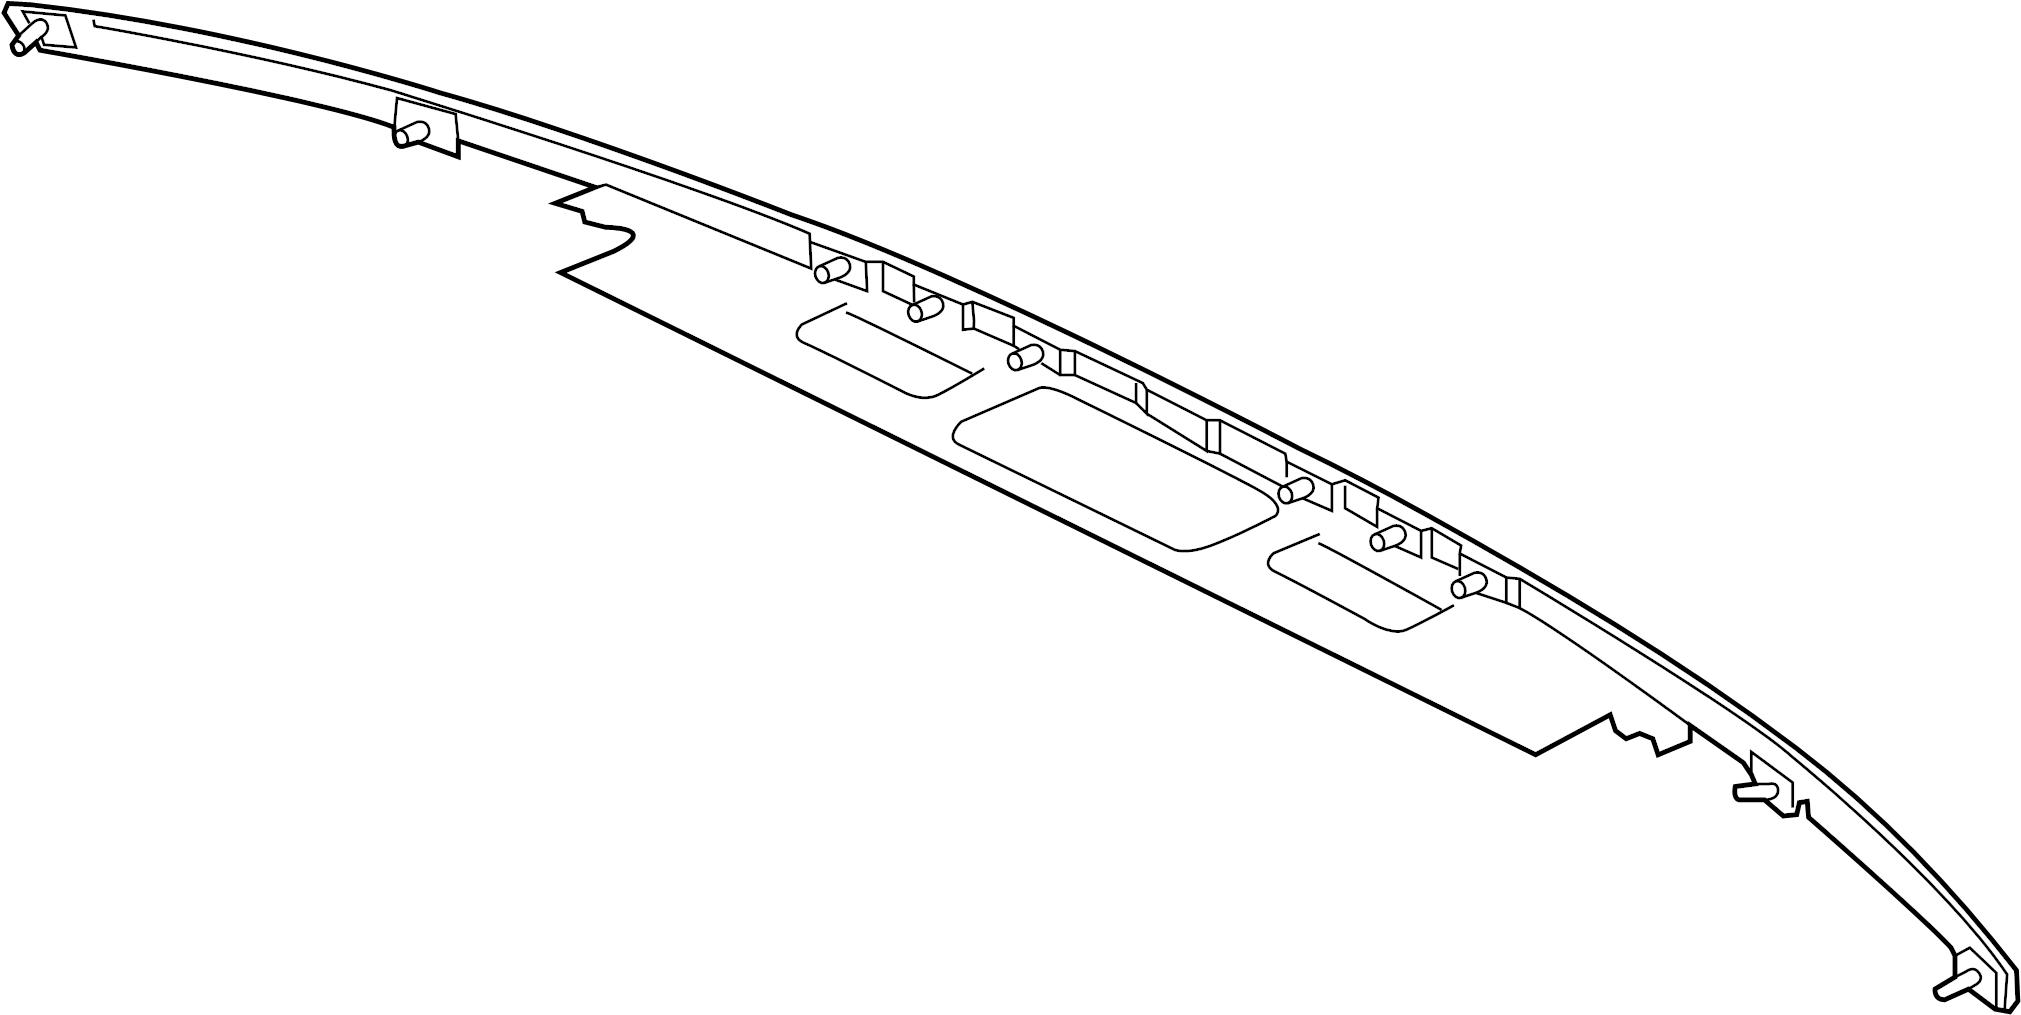 Jaguar Xf Moulding